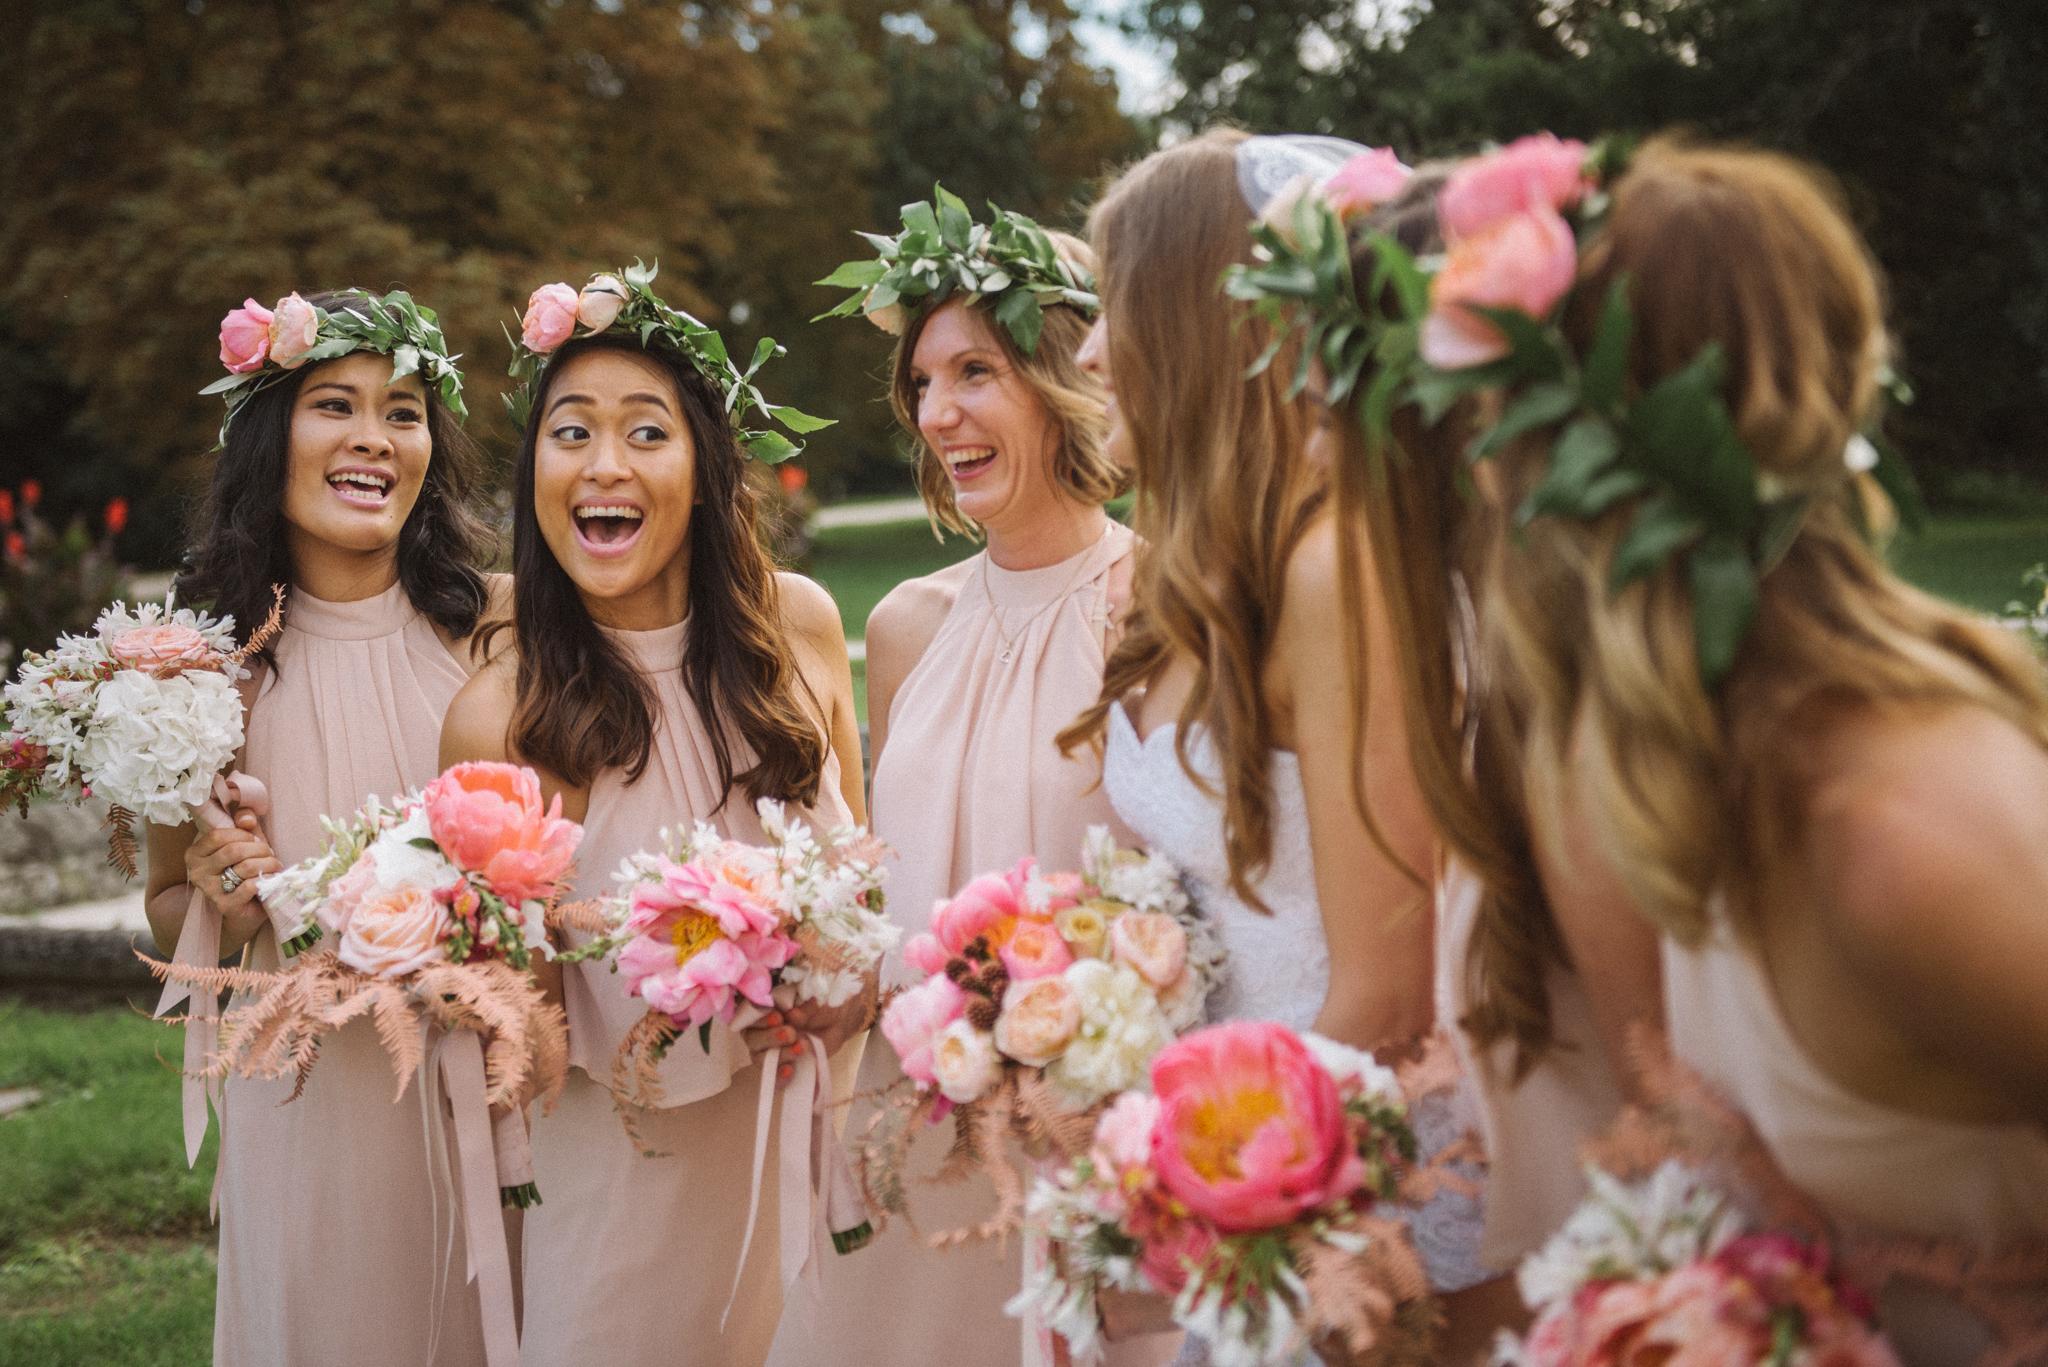 gabor-sallai-wedding-photography-eskuvo-nadasladany-DSC_2072